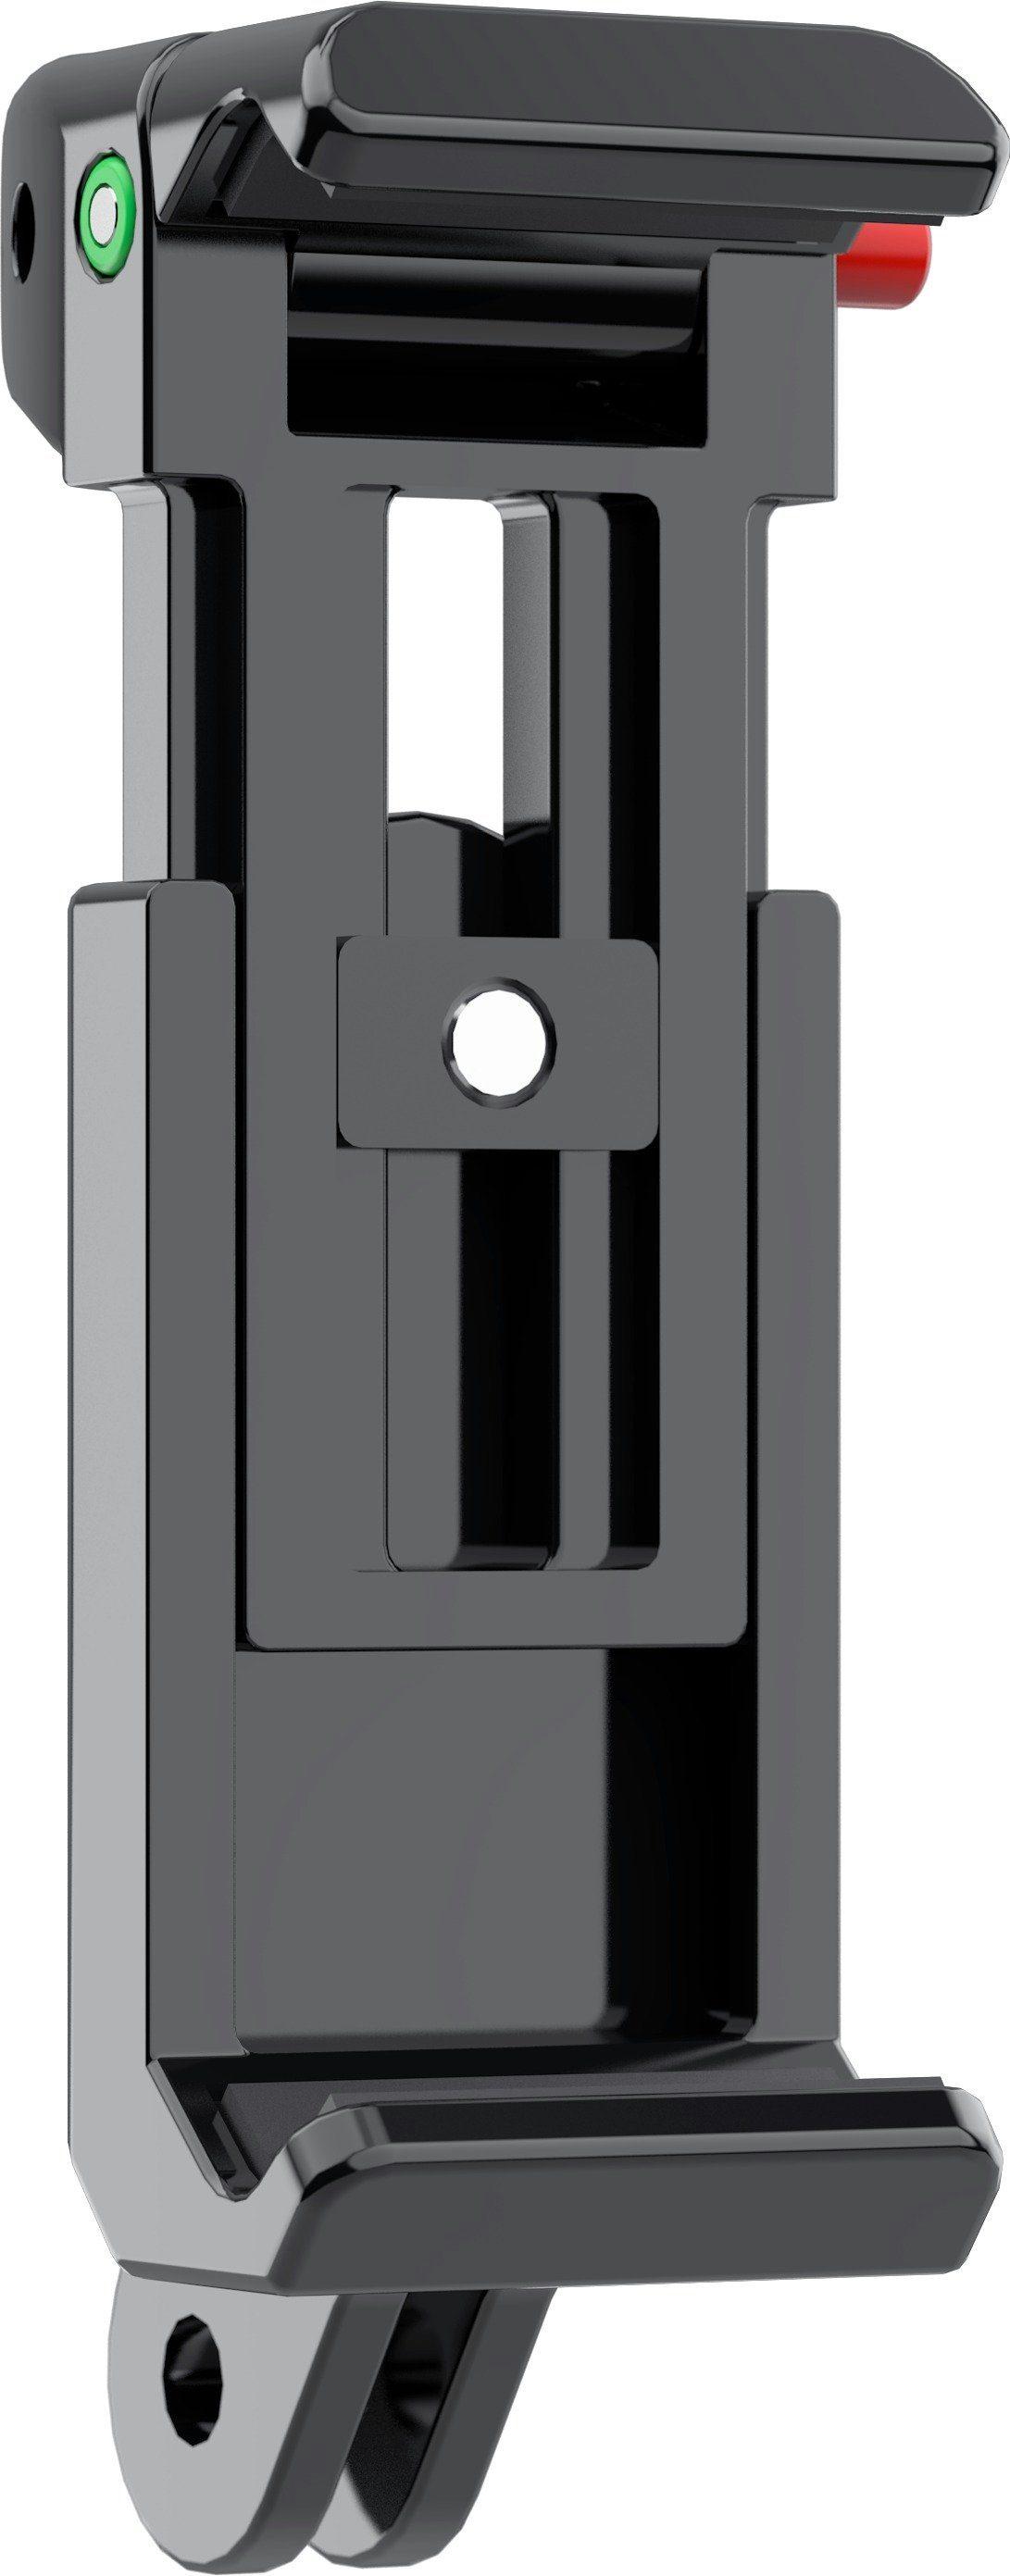 SP GADGETS Handyhalterung für GoPro Zubehör »Phone Mount«